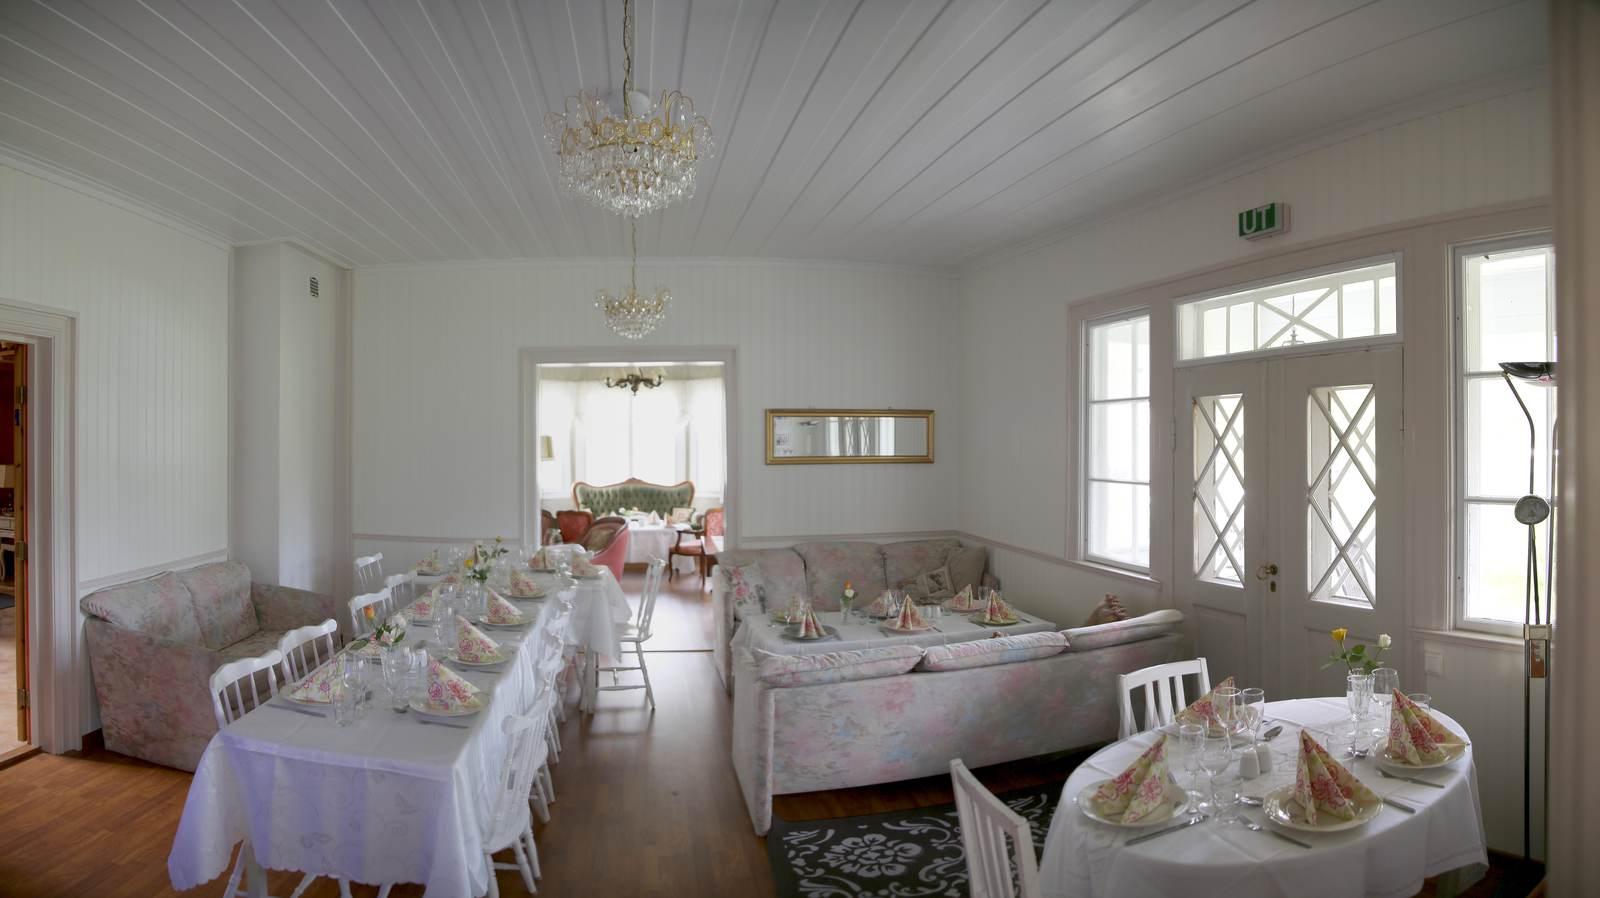 Haakonset Fjellvilla, Hovet, Norway. © 2015 Knut Dalen